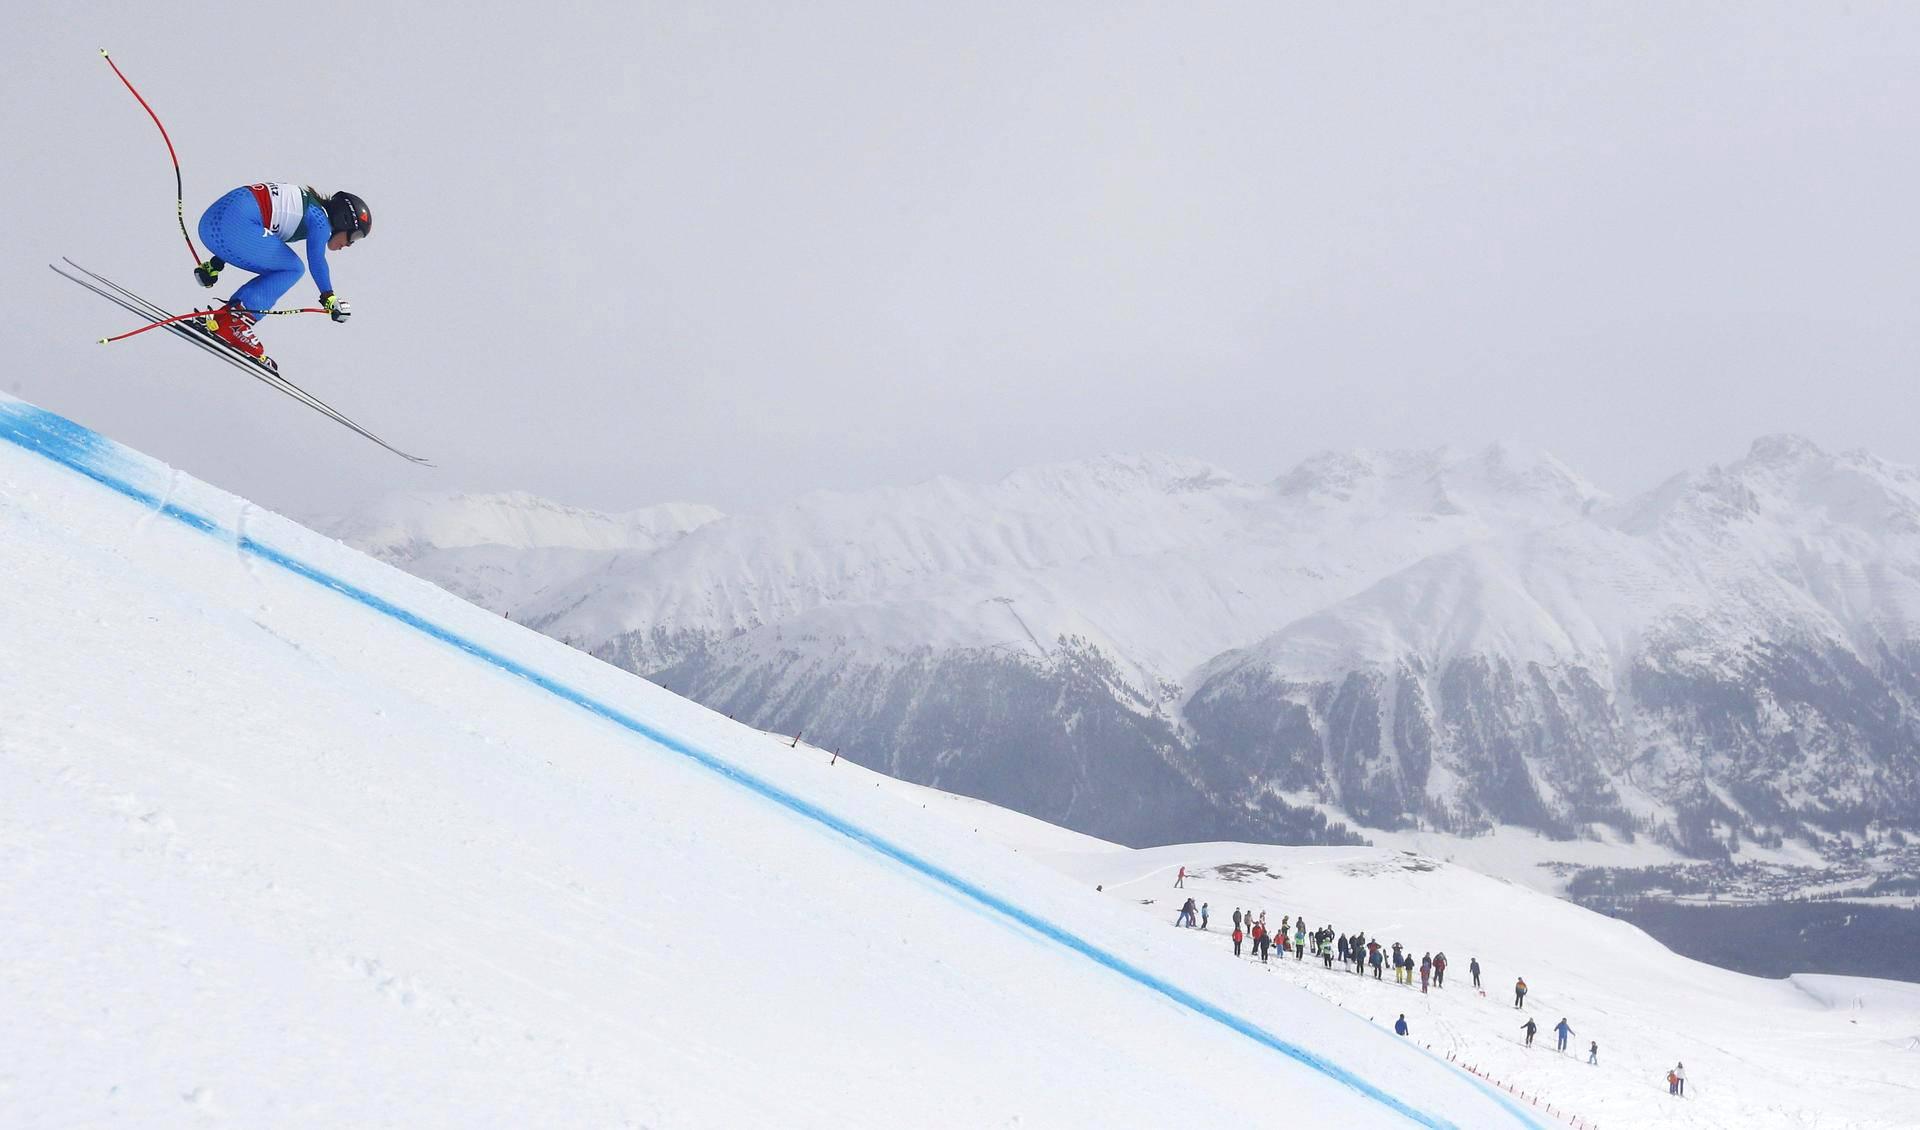 Italialainen alppihiihtäjä Sofia Goggia kilpaili naisten maailmanmestaruudesta St. Moritzissa Sveitsissä.